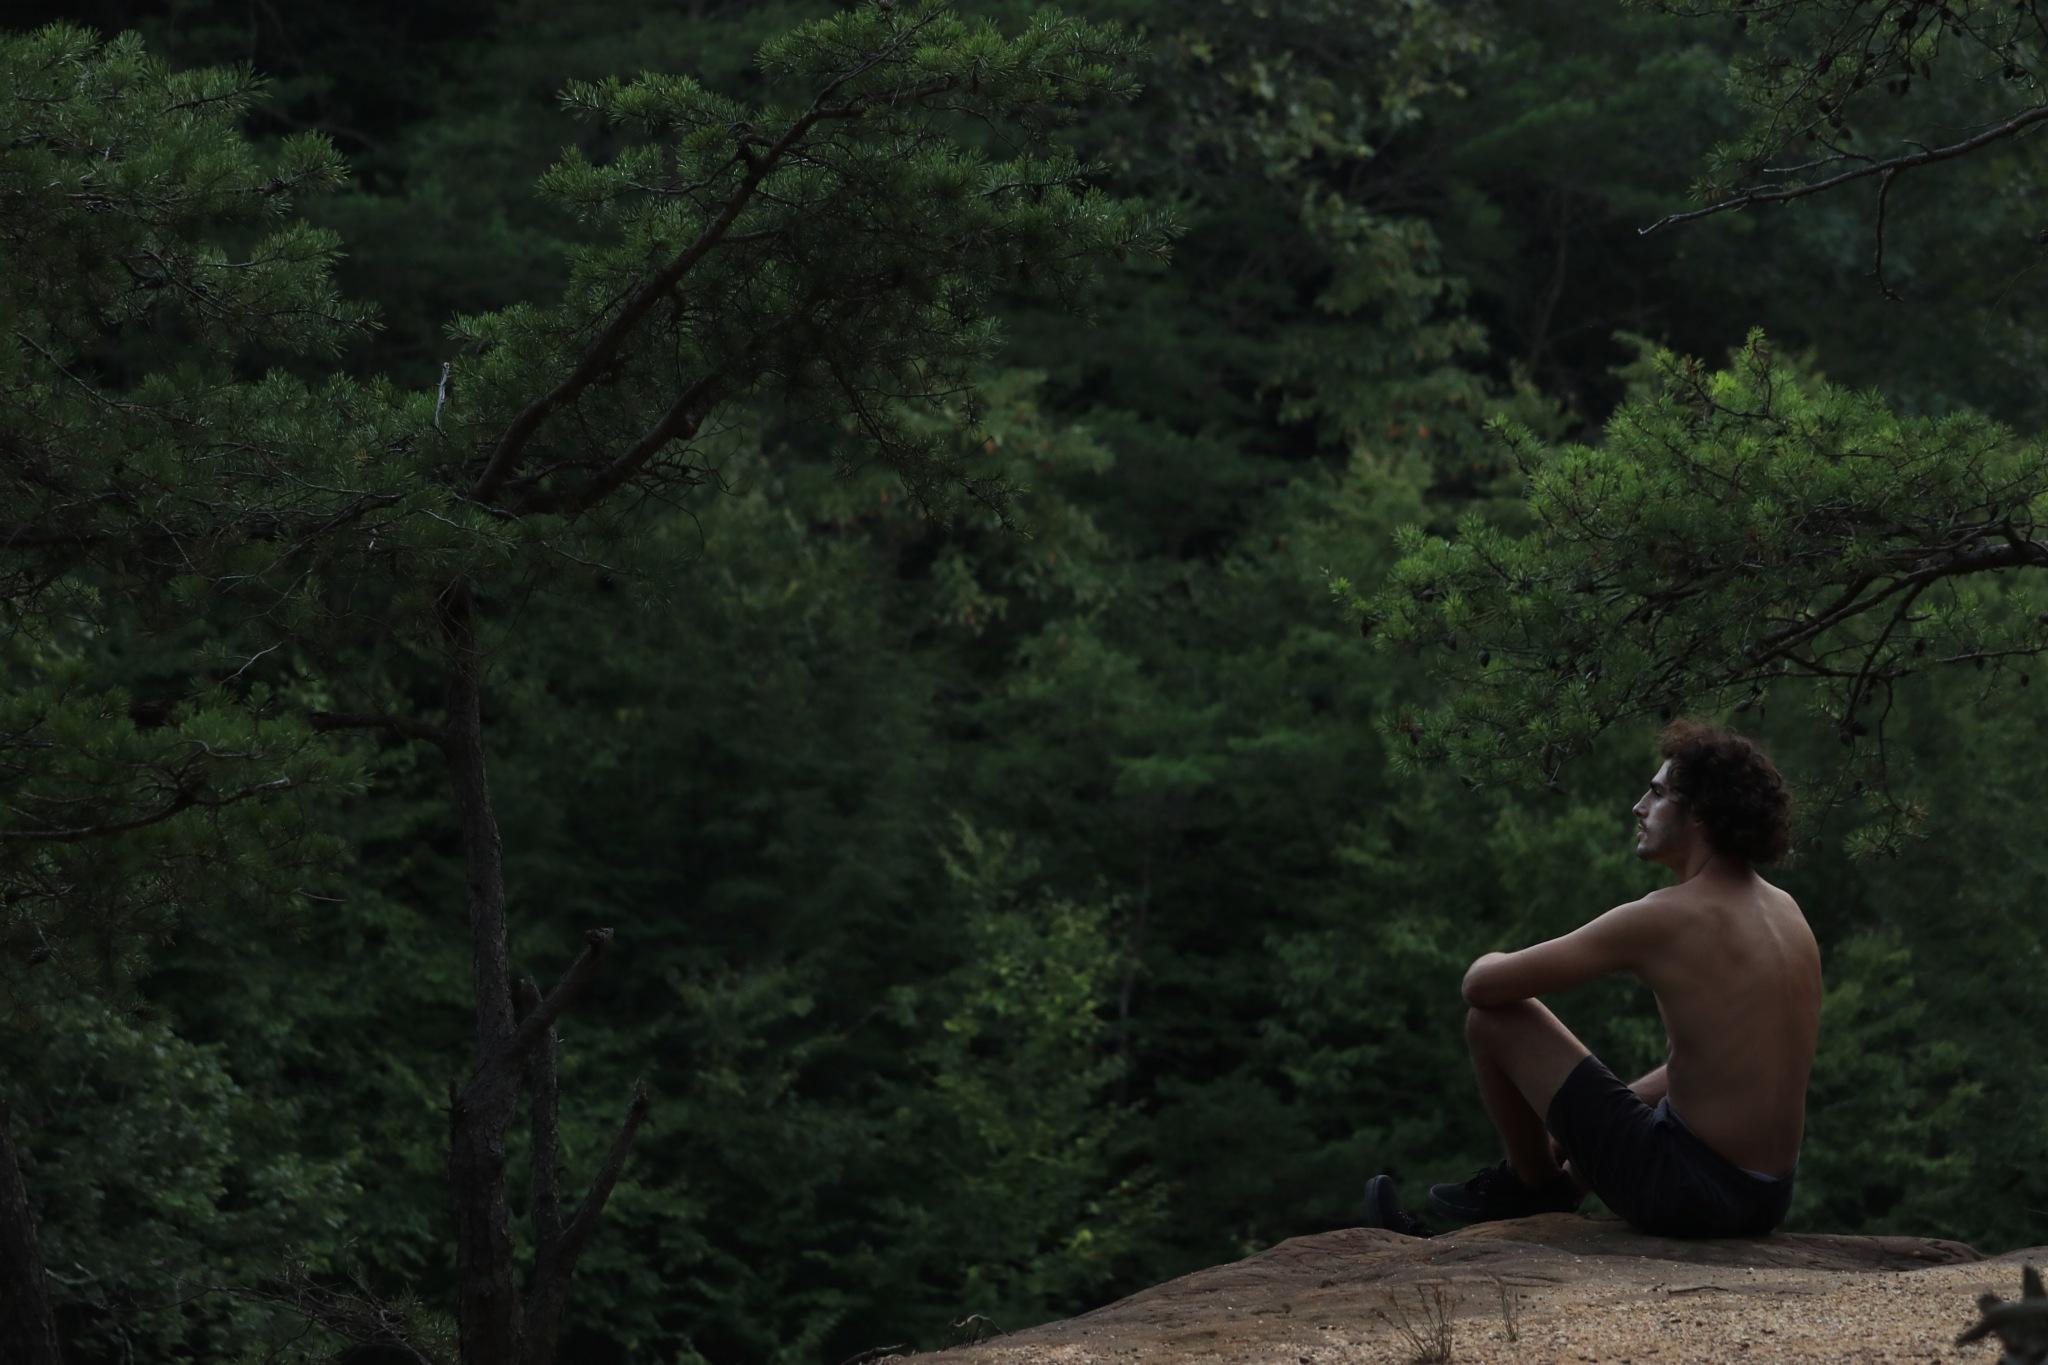 Mountain Man by Wyatt Elkins